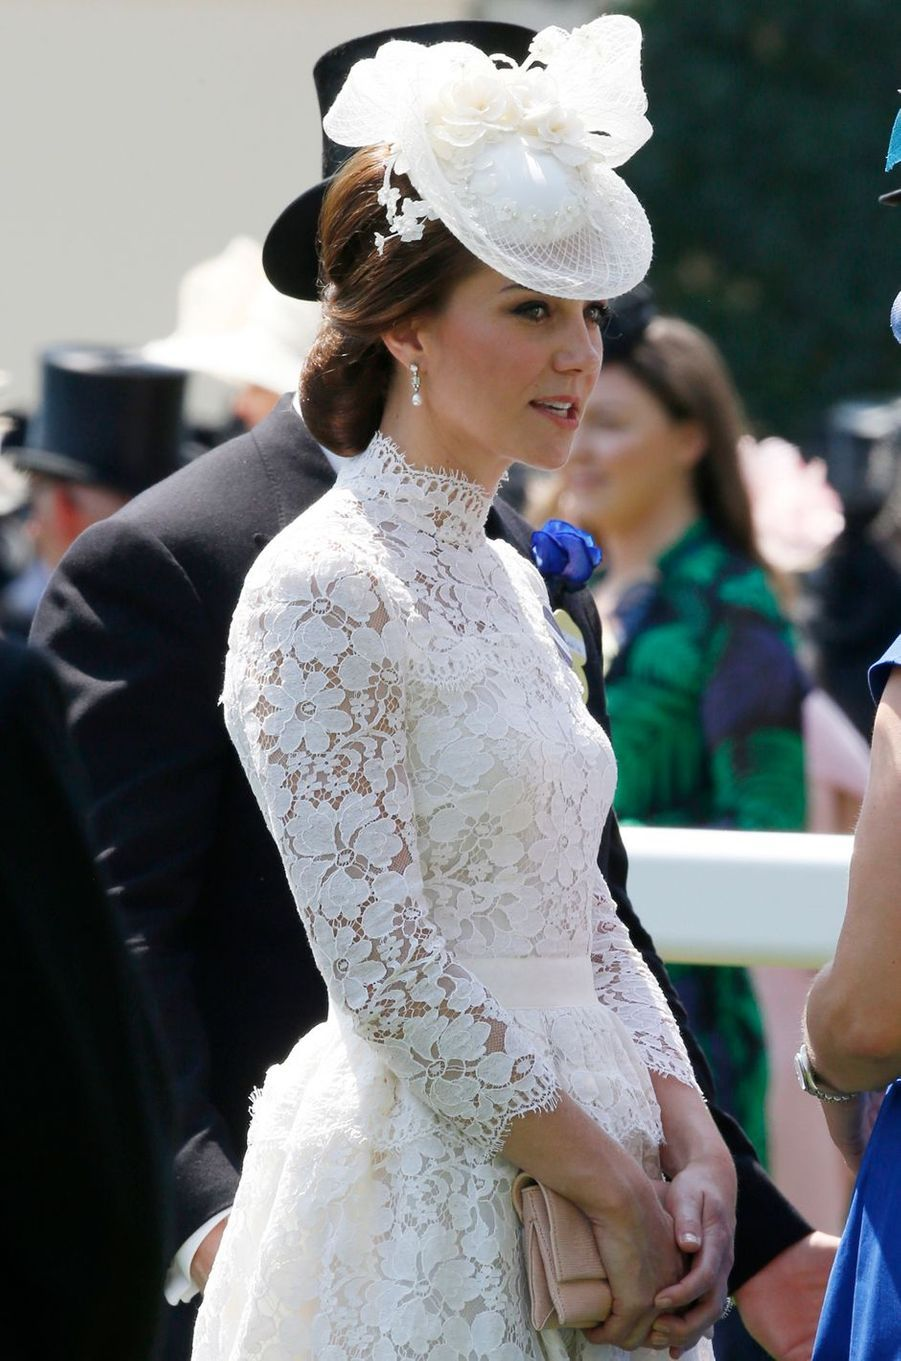 La duchesse de Cambridge, née Kate Middleton, au Royal Ascot le 20 juin 2017